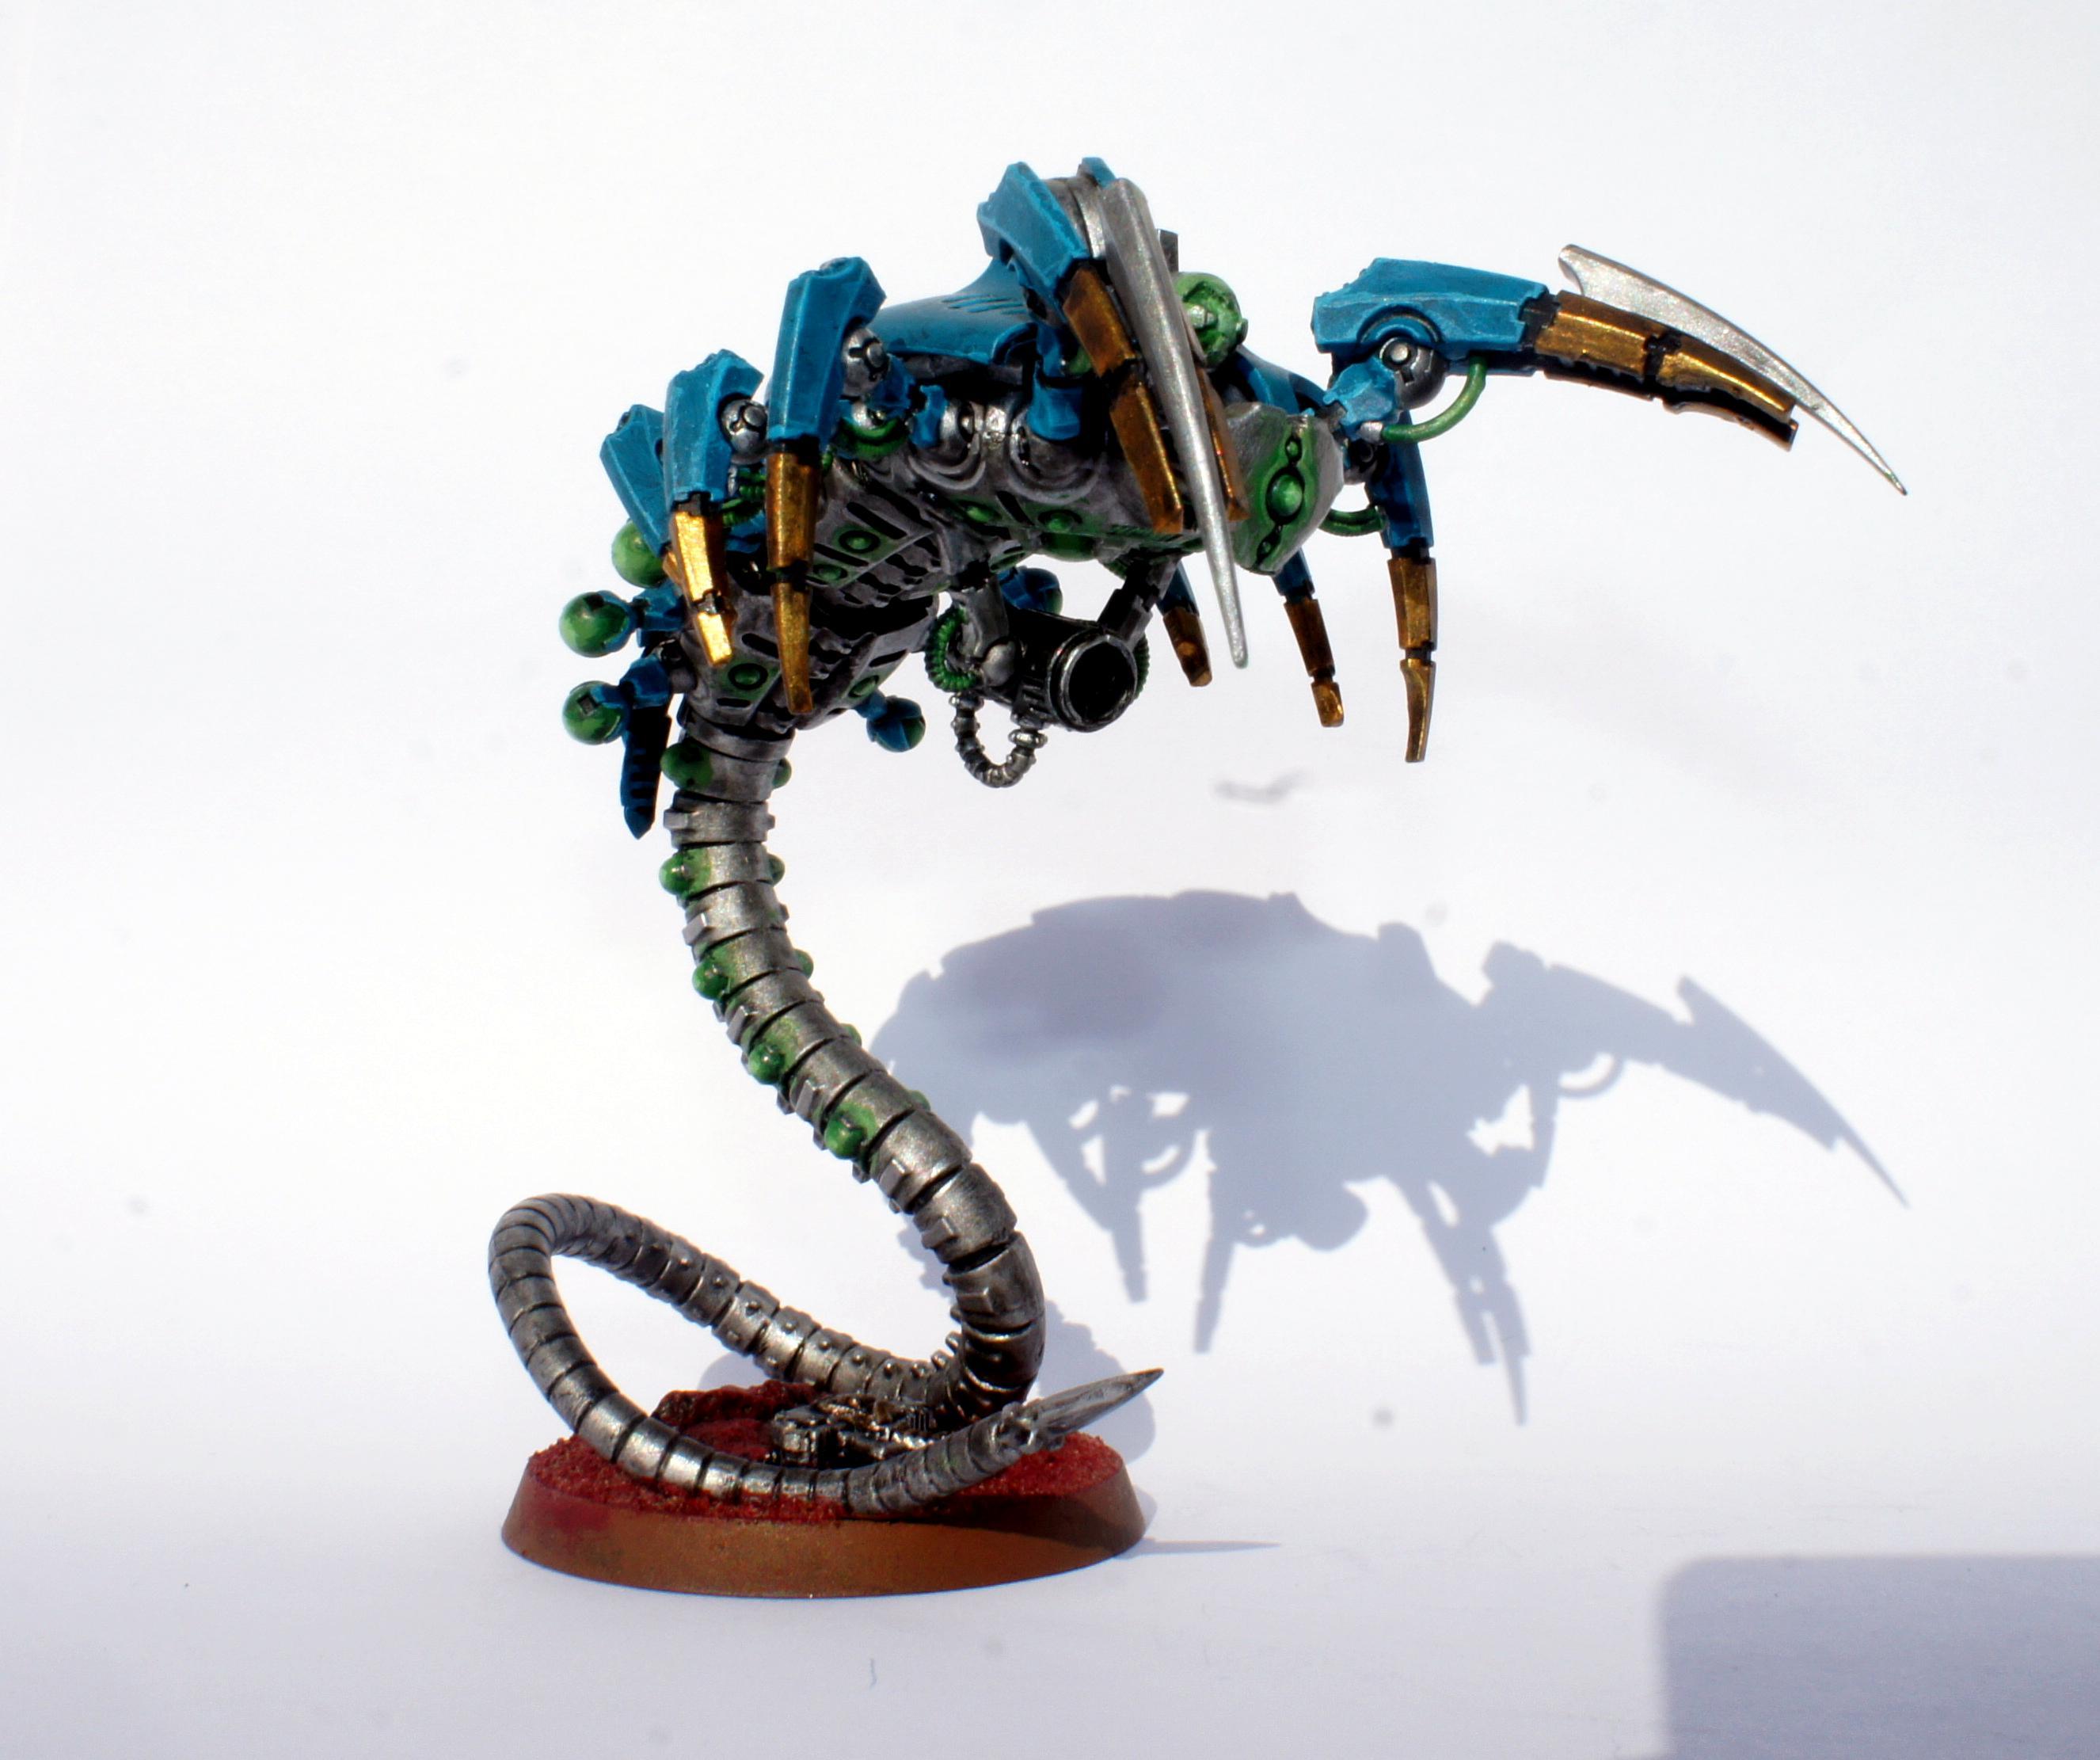 Canoptek Wraith, Necrons